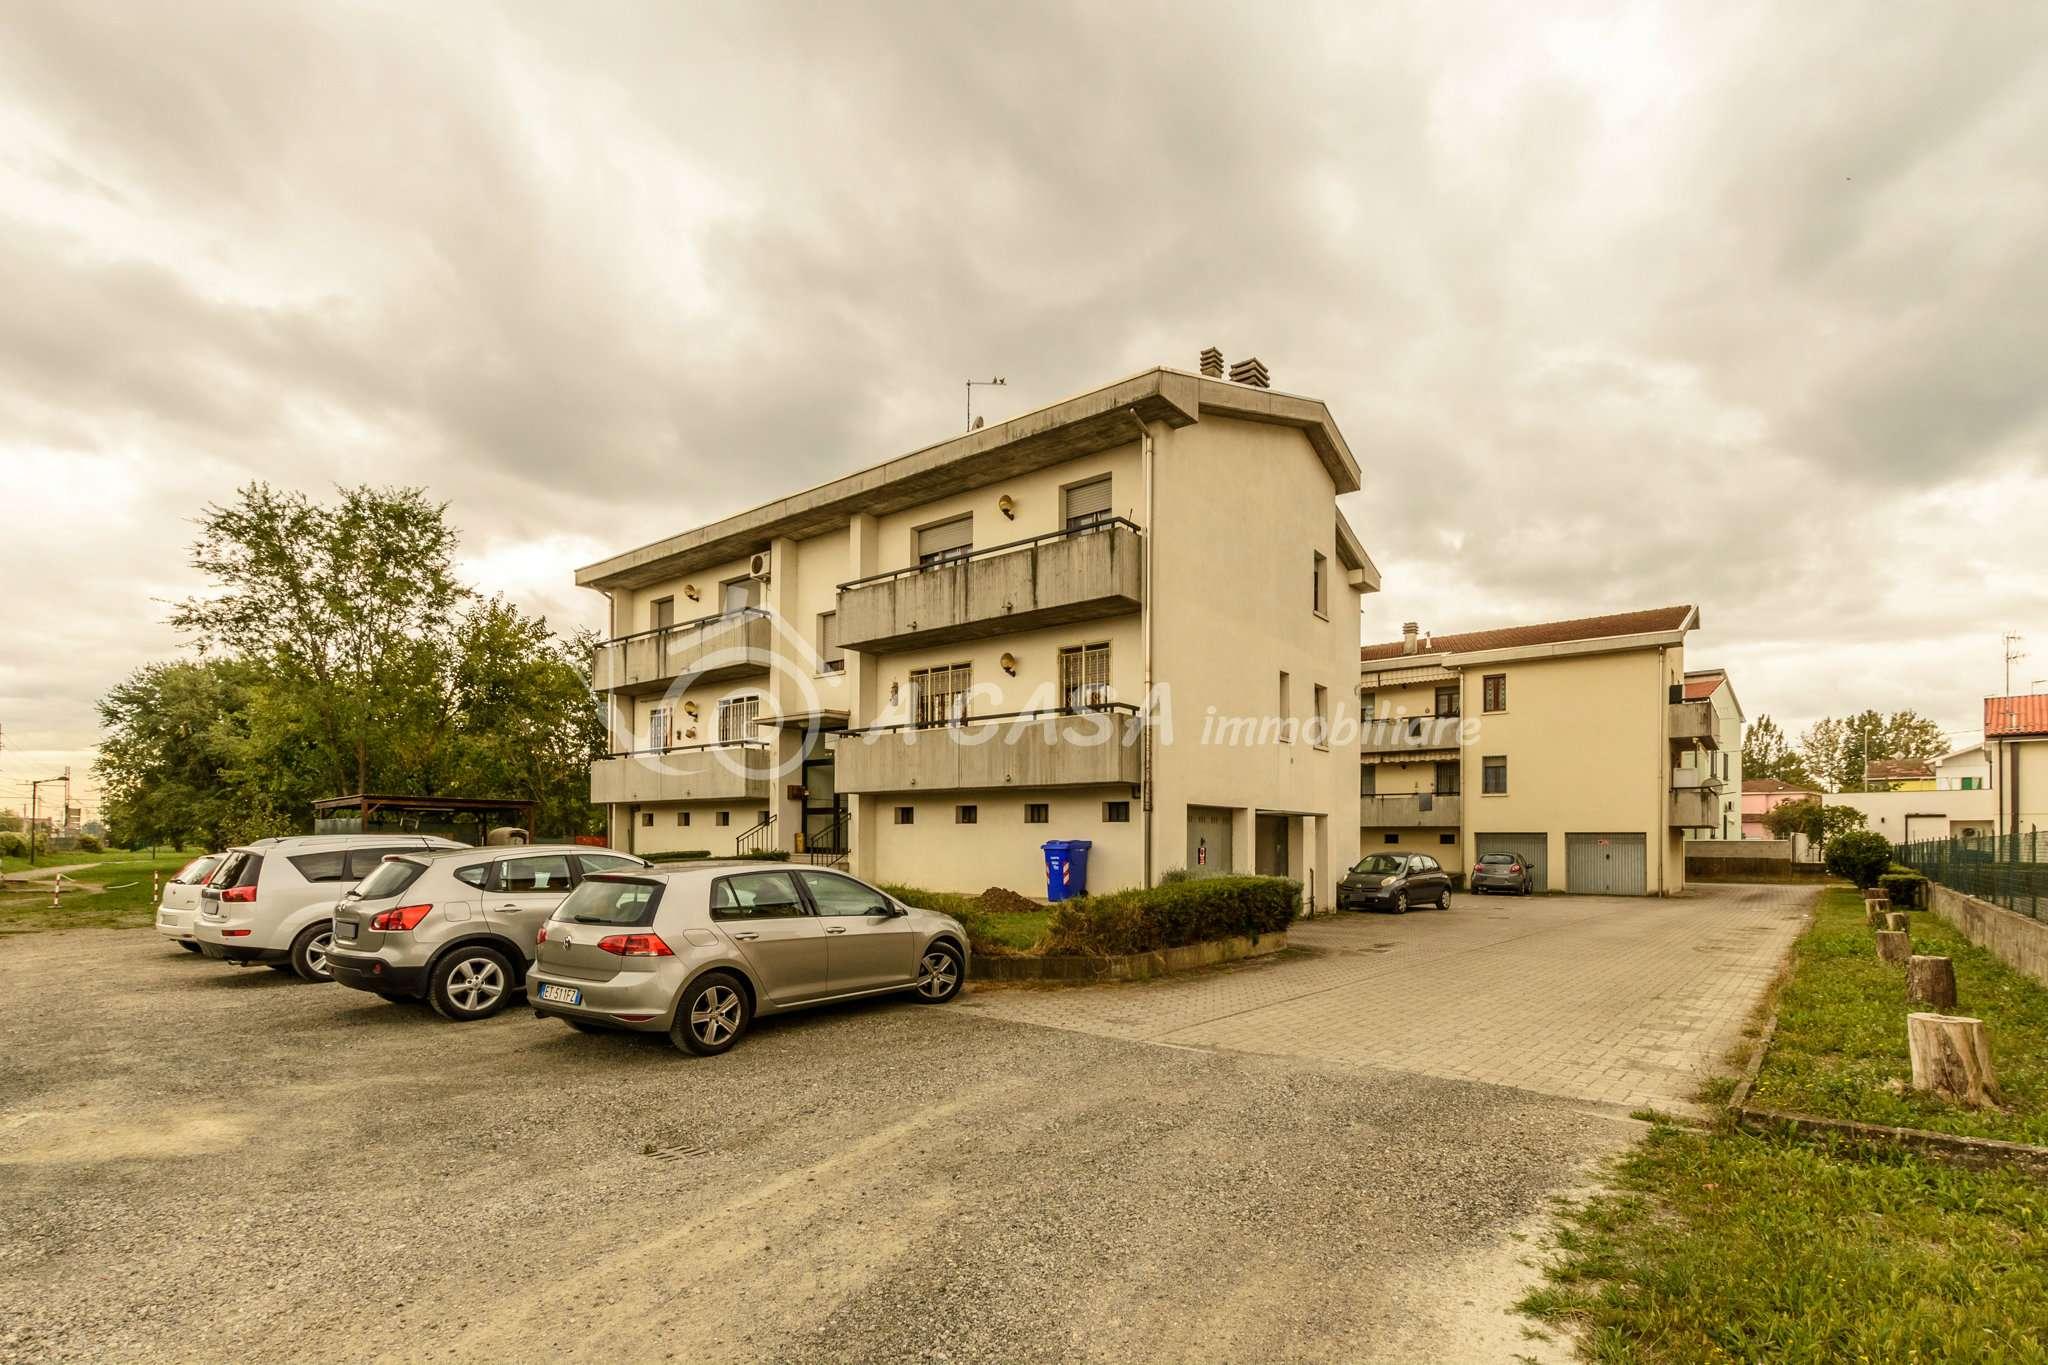 Appartamento in vendita a Fontanellato, 3 locali, prezzo € 110.000 | CambioCasa.it